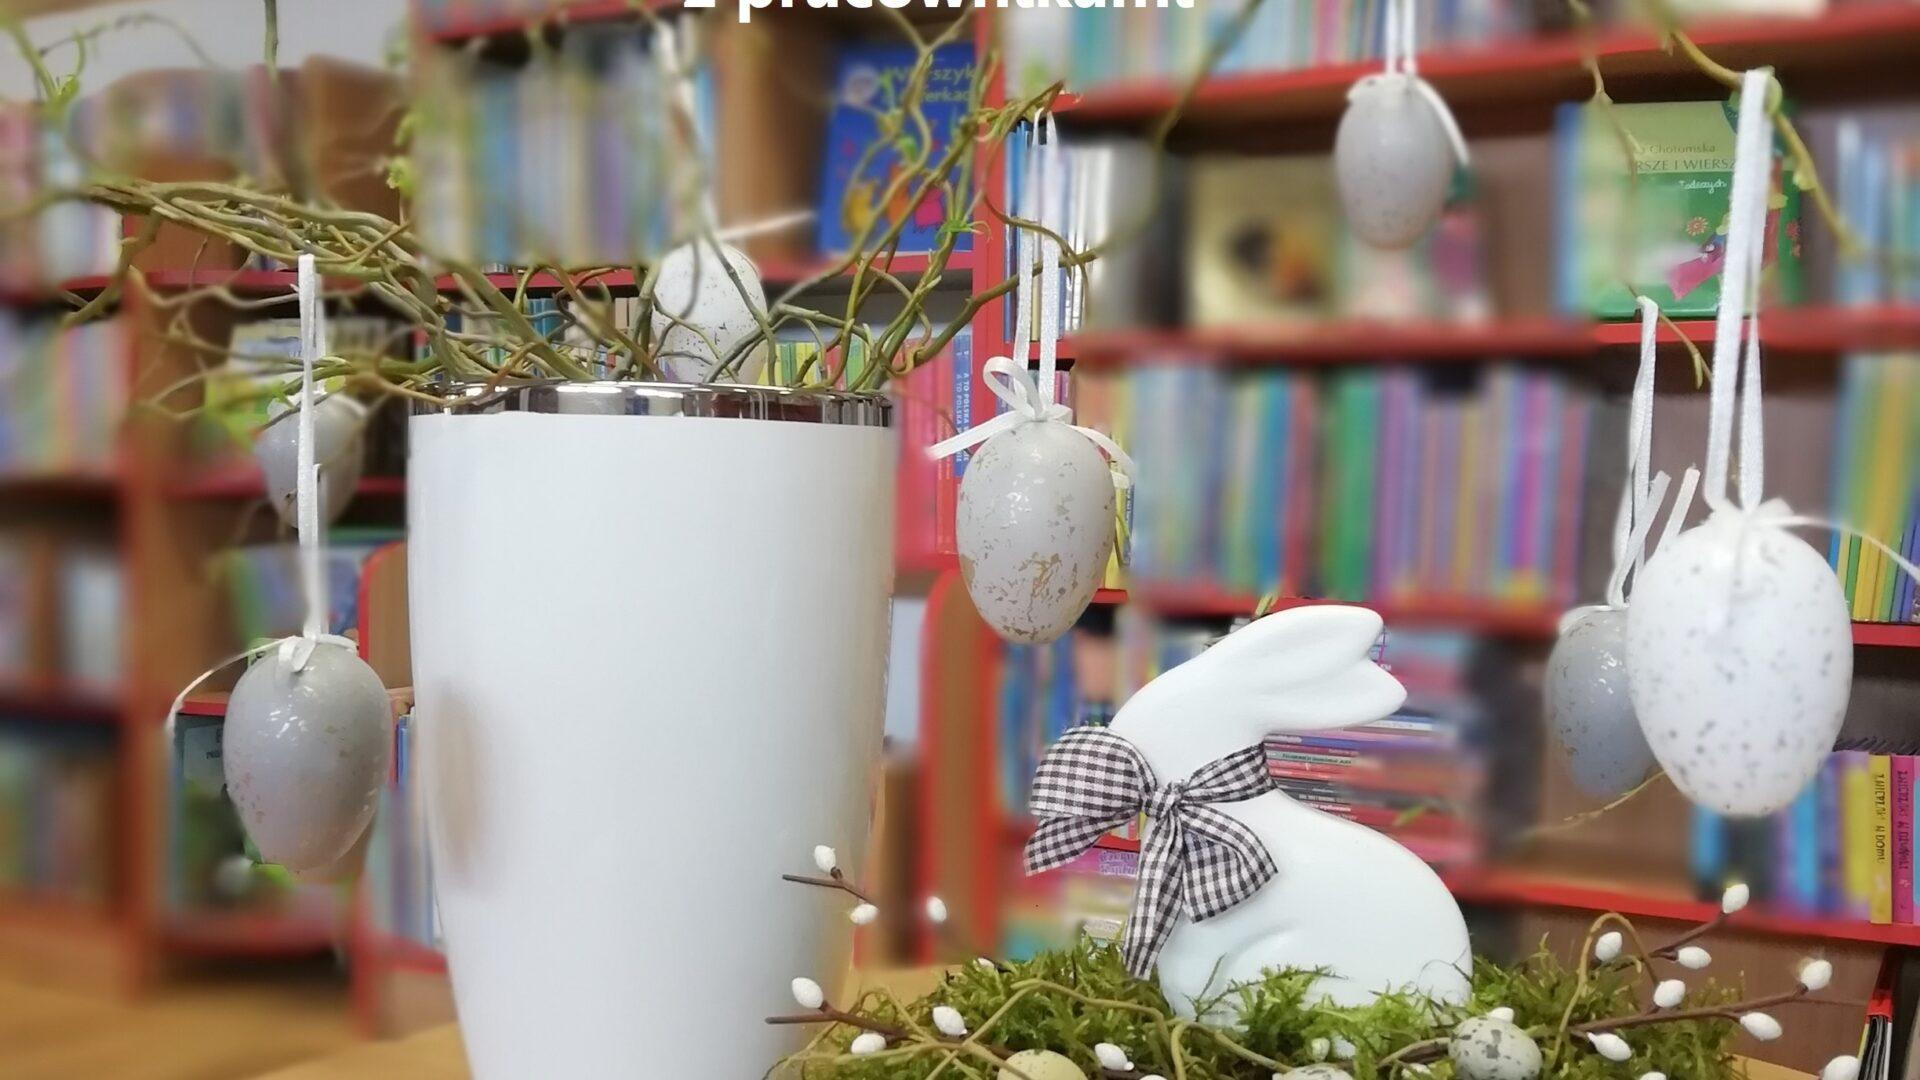 na stoliku biały wazon z wiszącymi jajkami w kolorze białym i szarym, obok stroik wielkanocny, w tle regały z książkami